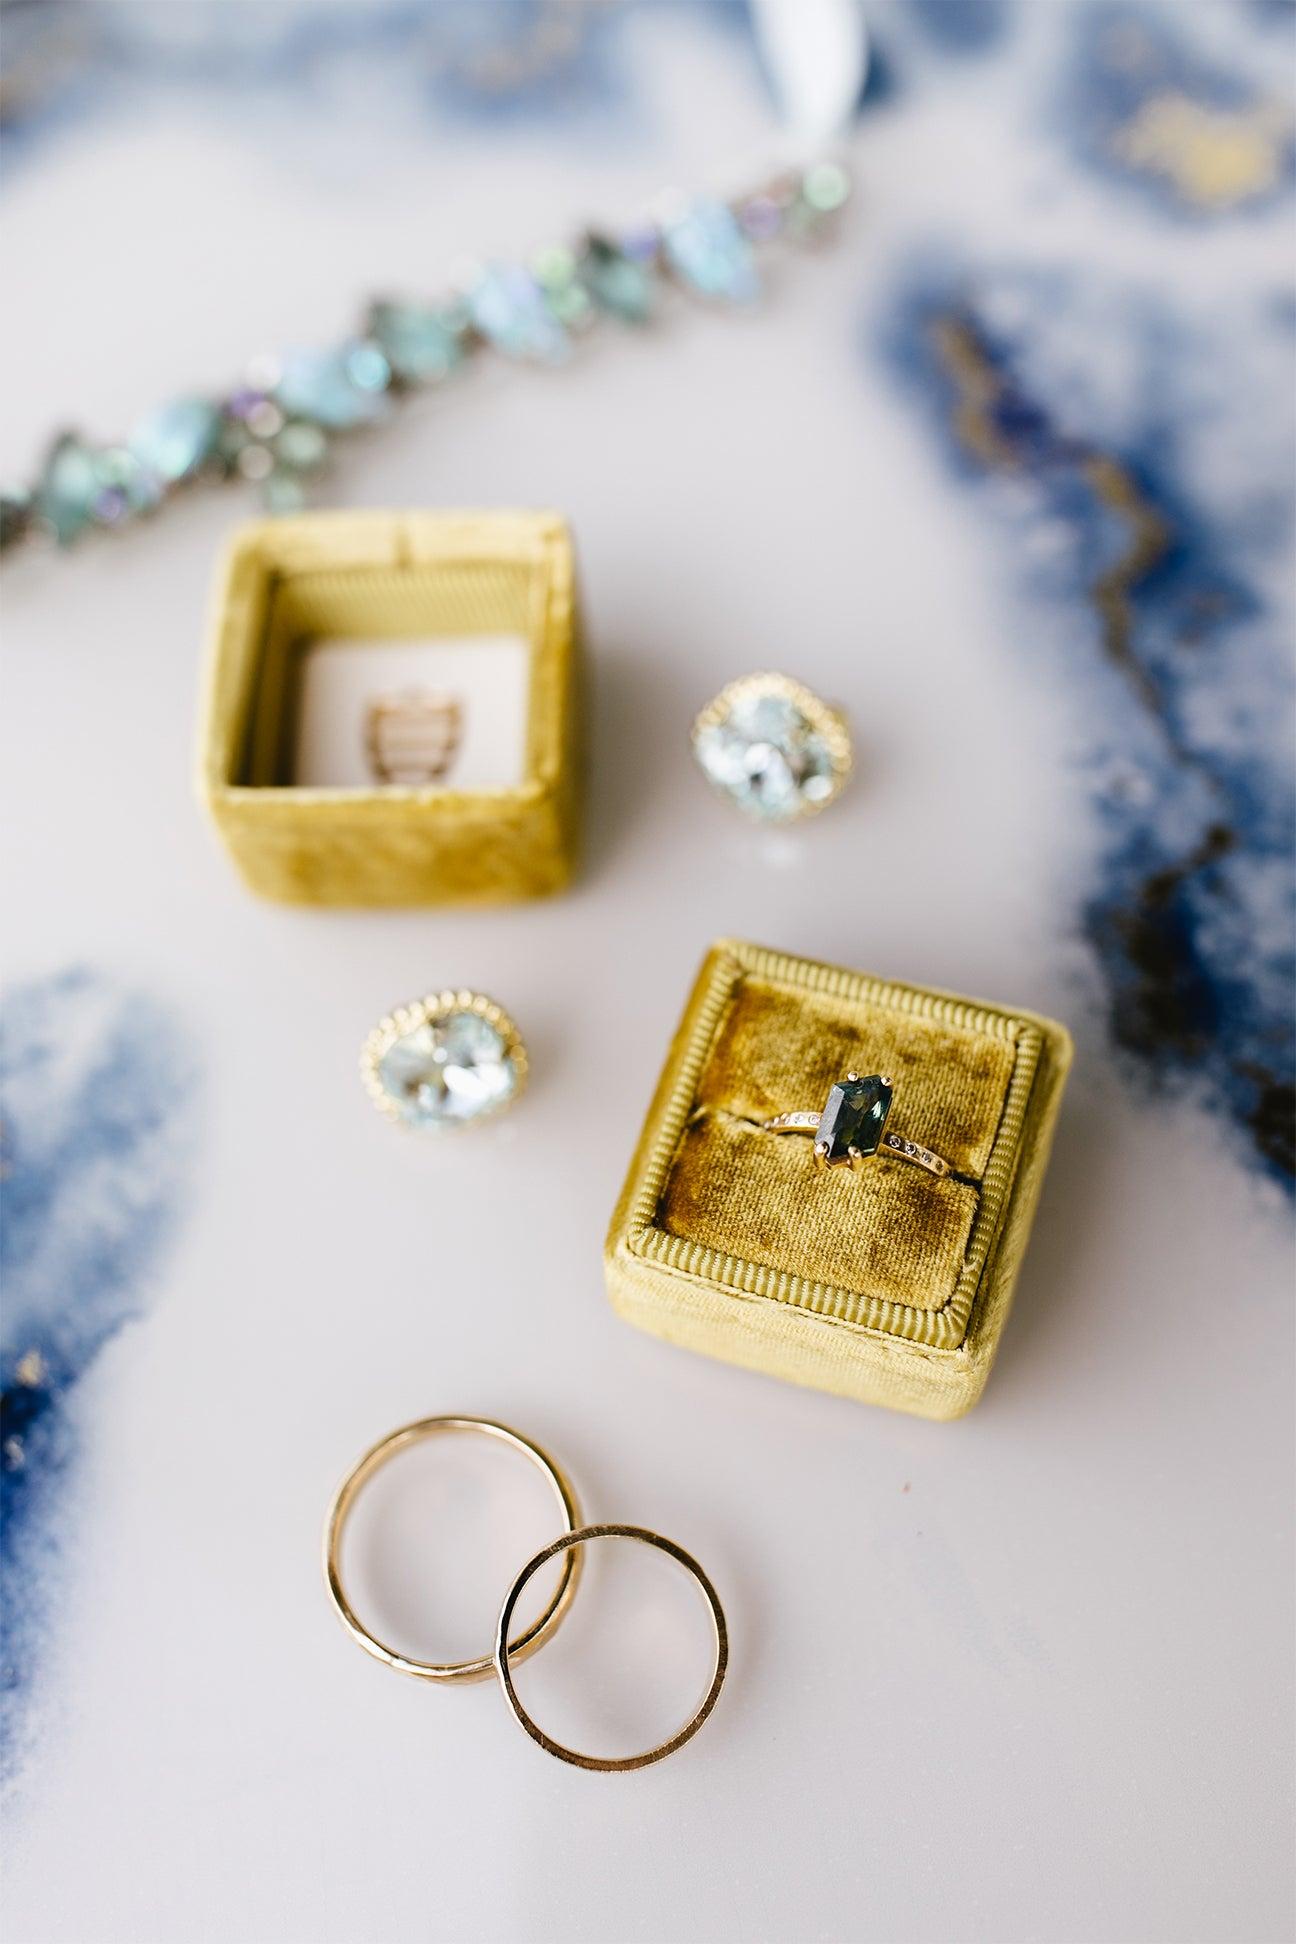 rings in yellow velvet box